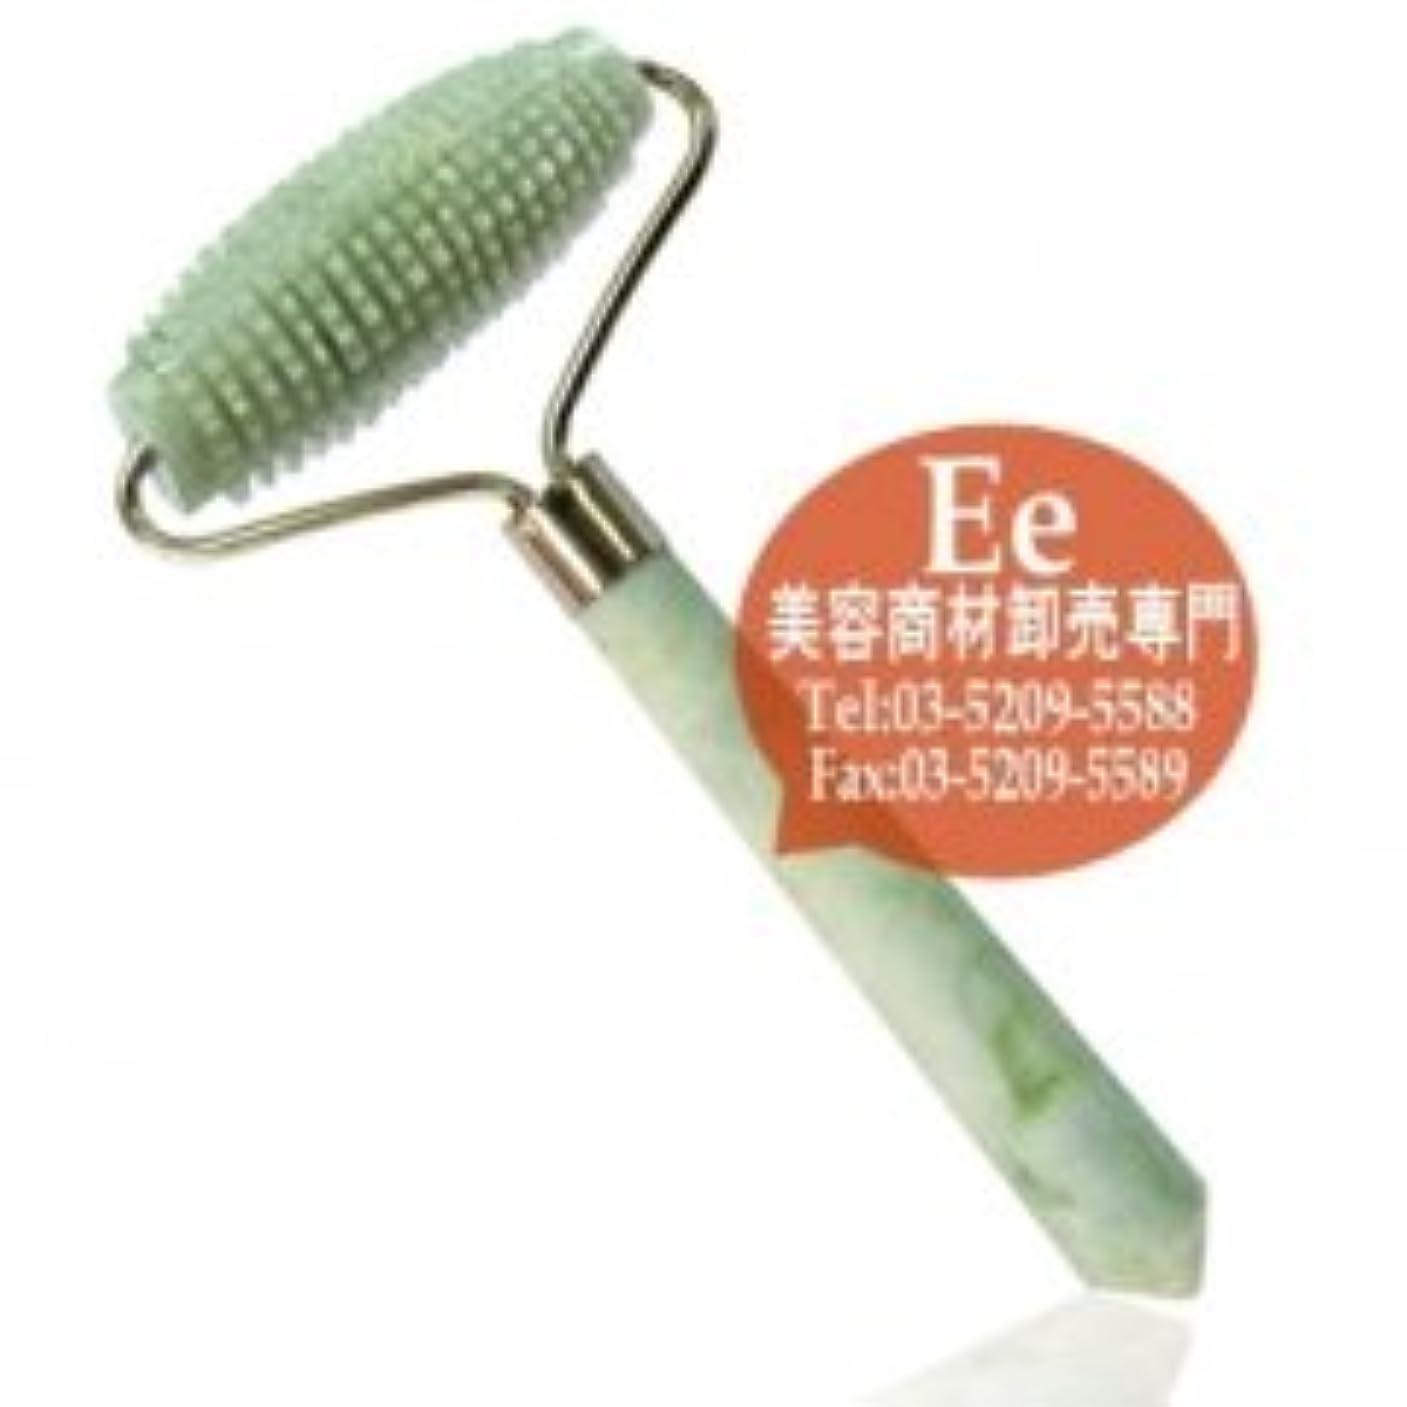 構築する一口植物学者翡翠 ( ヒスイ )美容ローラー 玉石美容ローラー 両用フェイスローラー CA-03